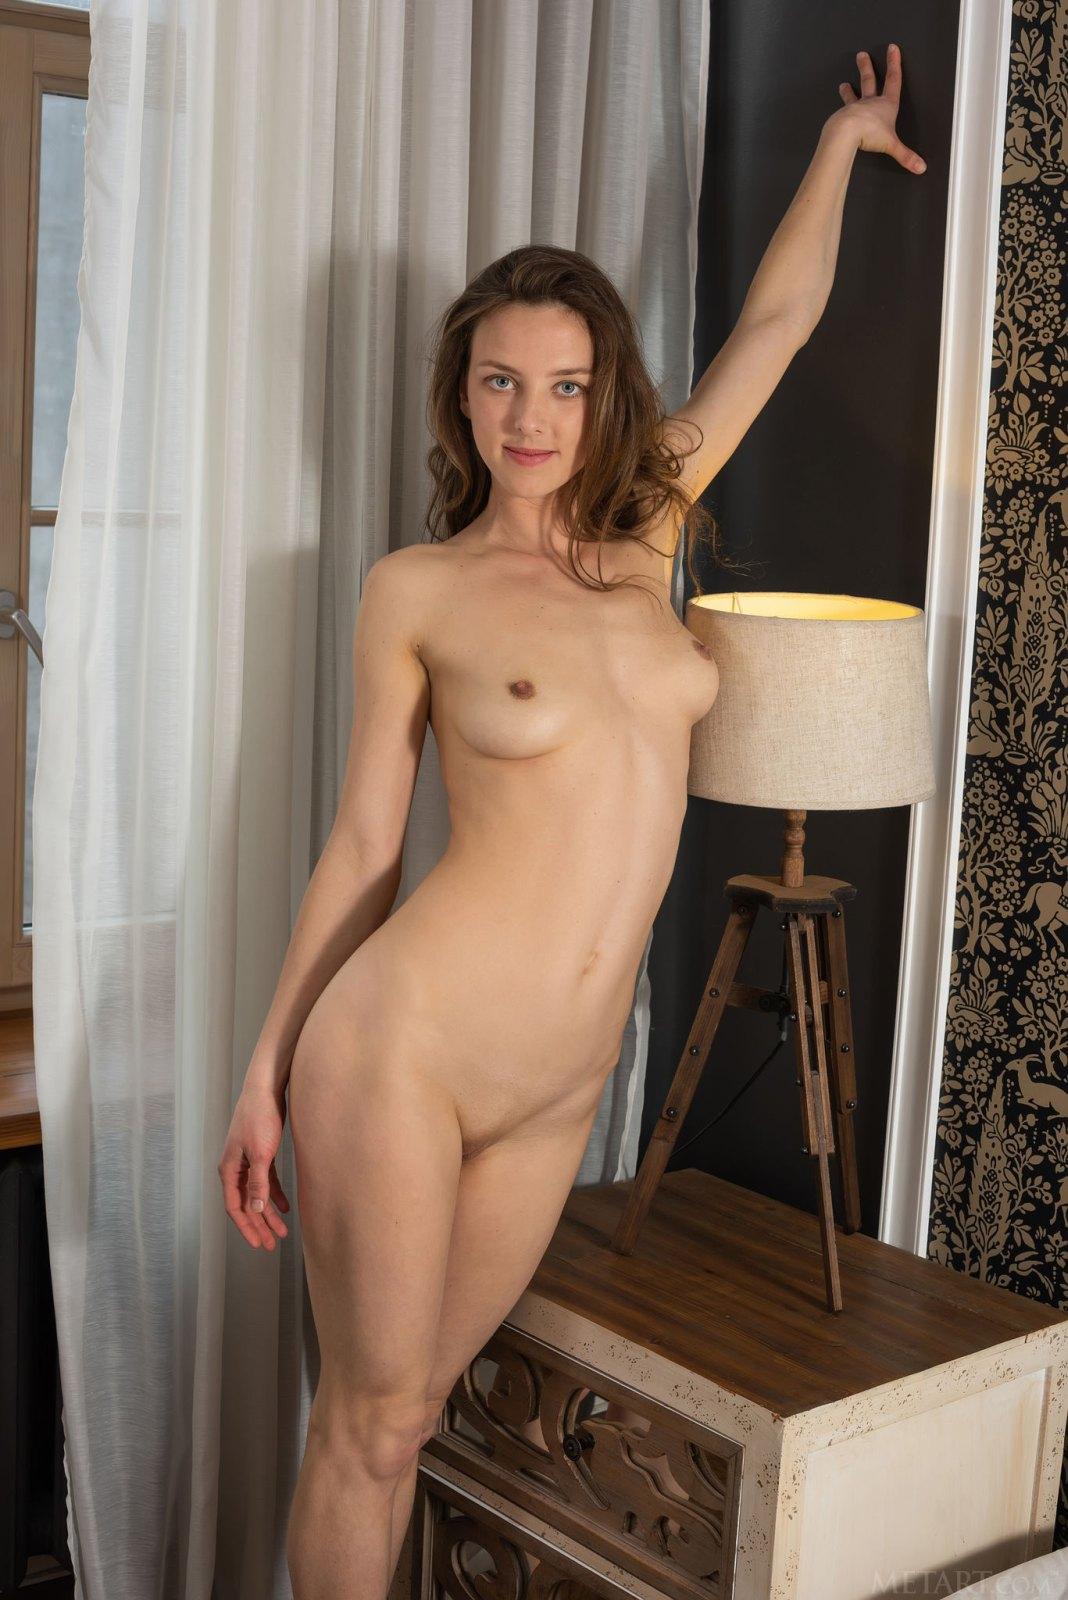 安娜莉亚脱下她的性感内衣